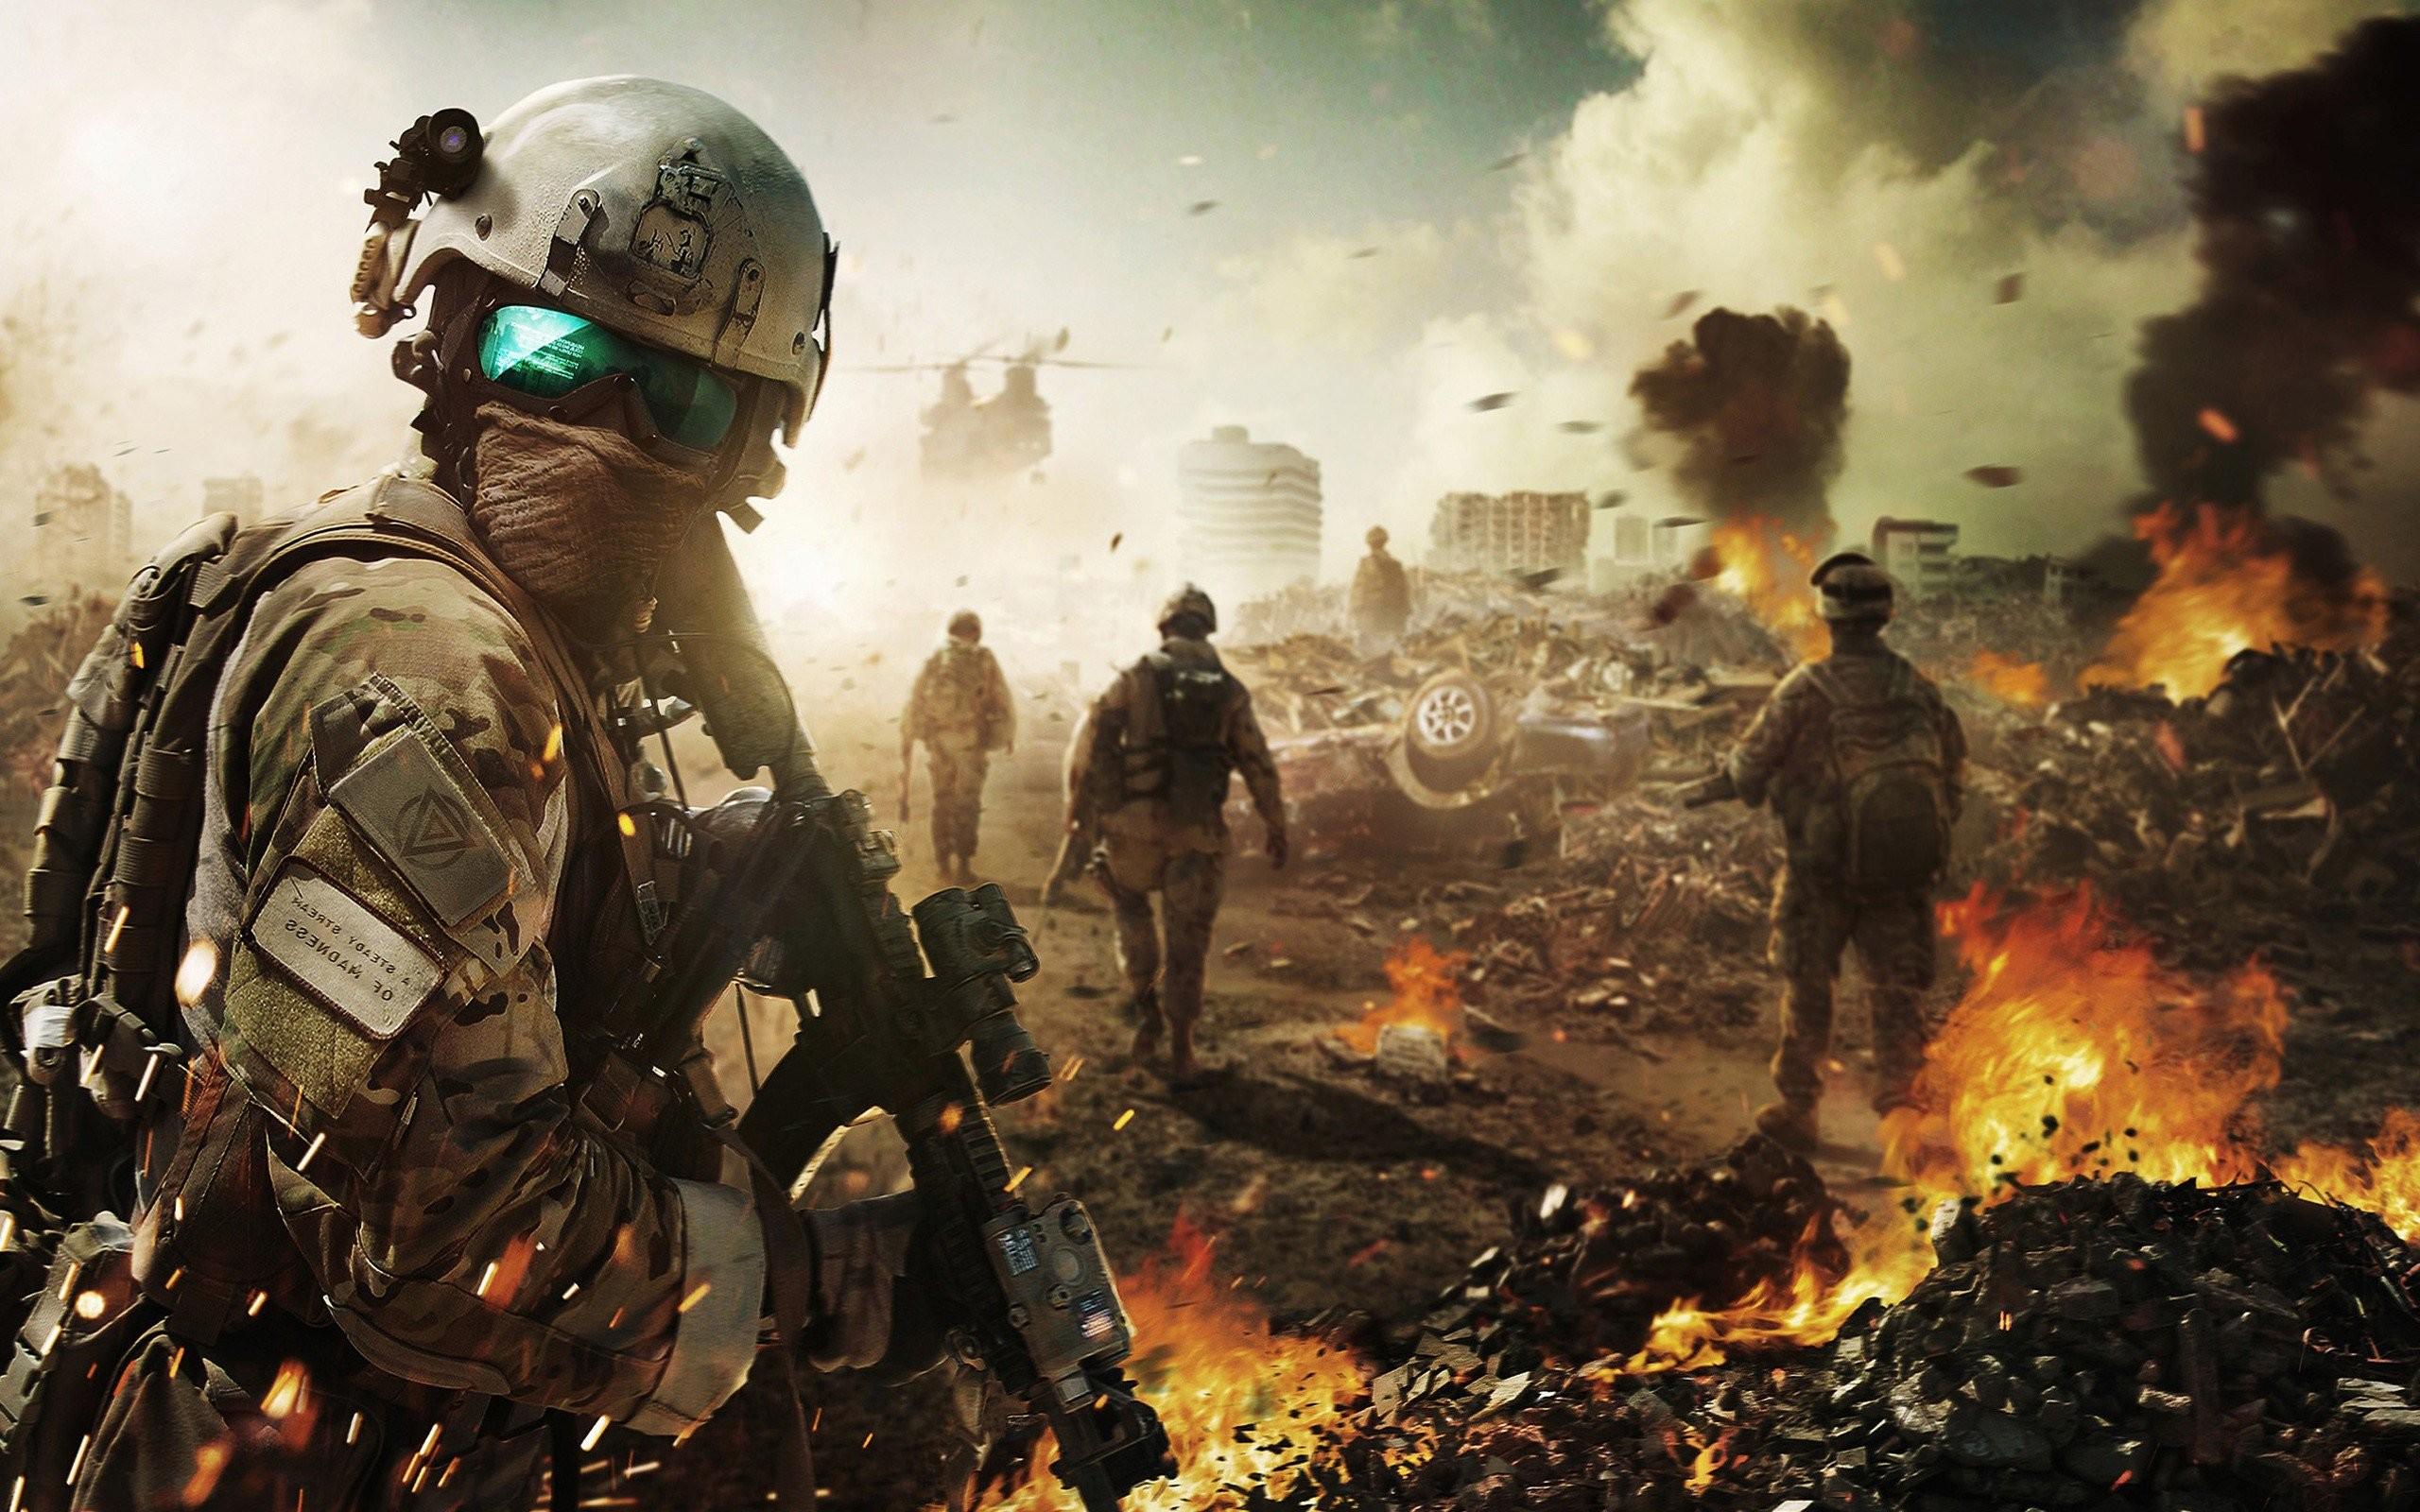 Res: 2560x1600, Battlefield Soldier